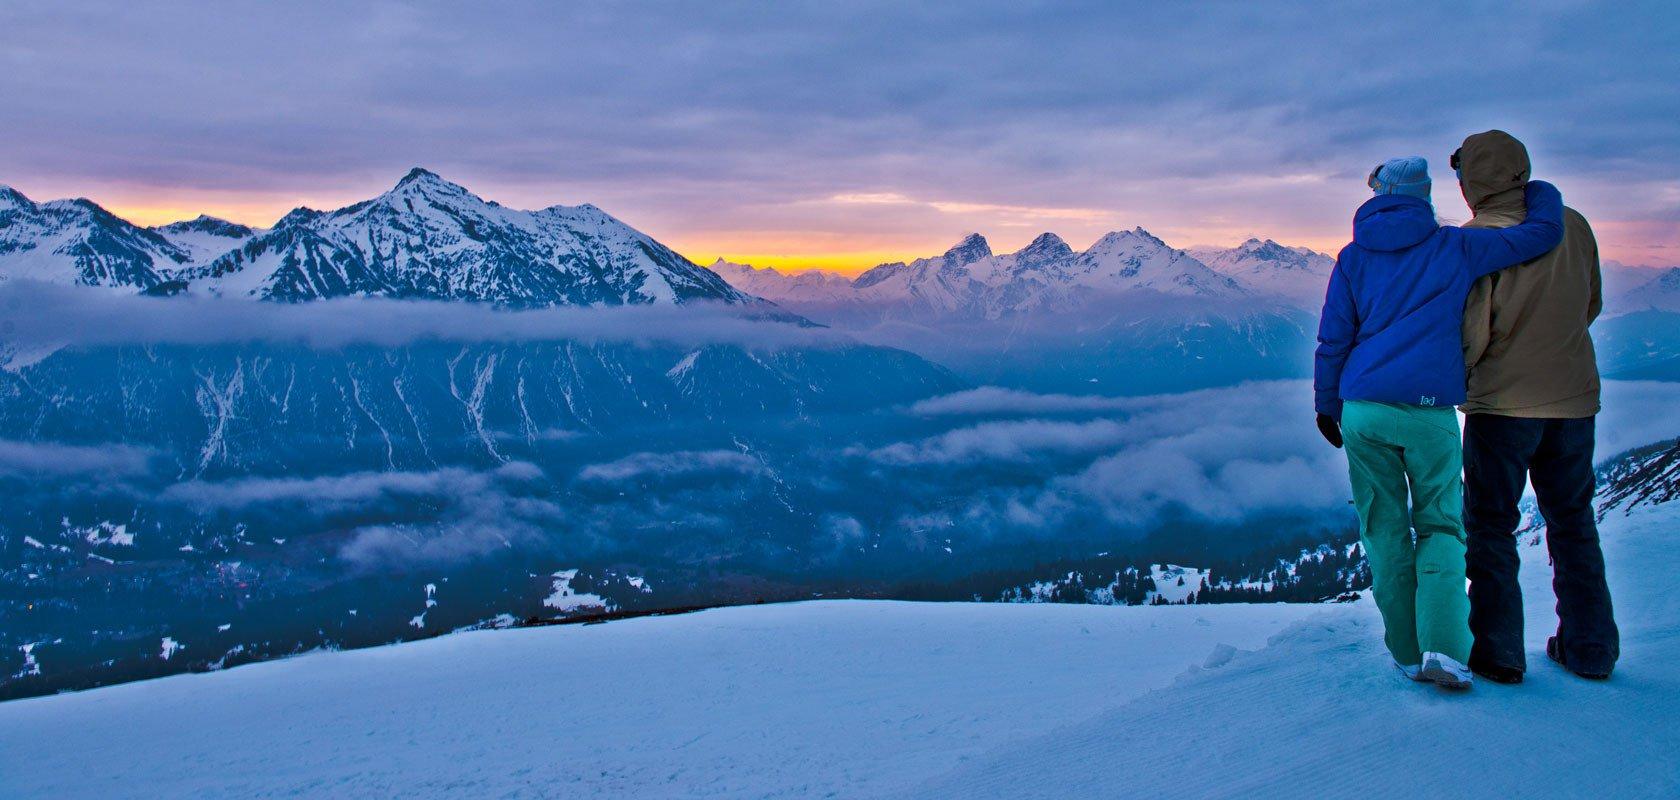 Tramonto invernale sulle Alpi di Lenzerheide